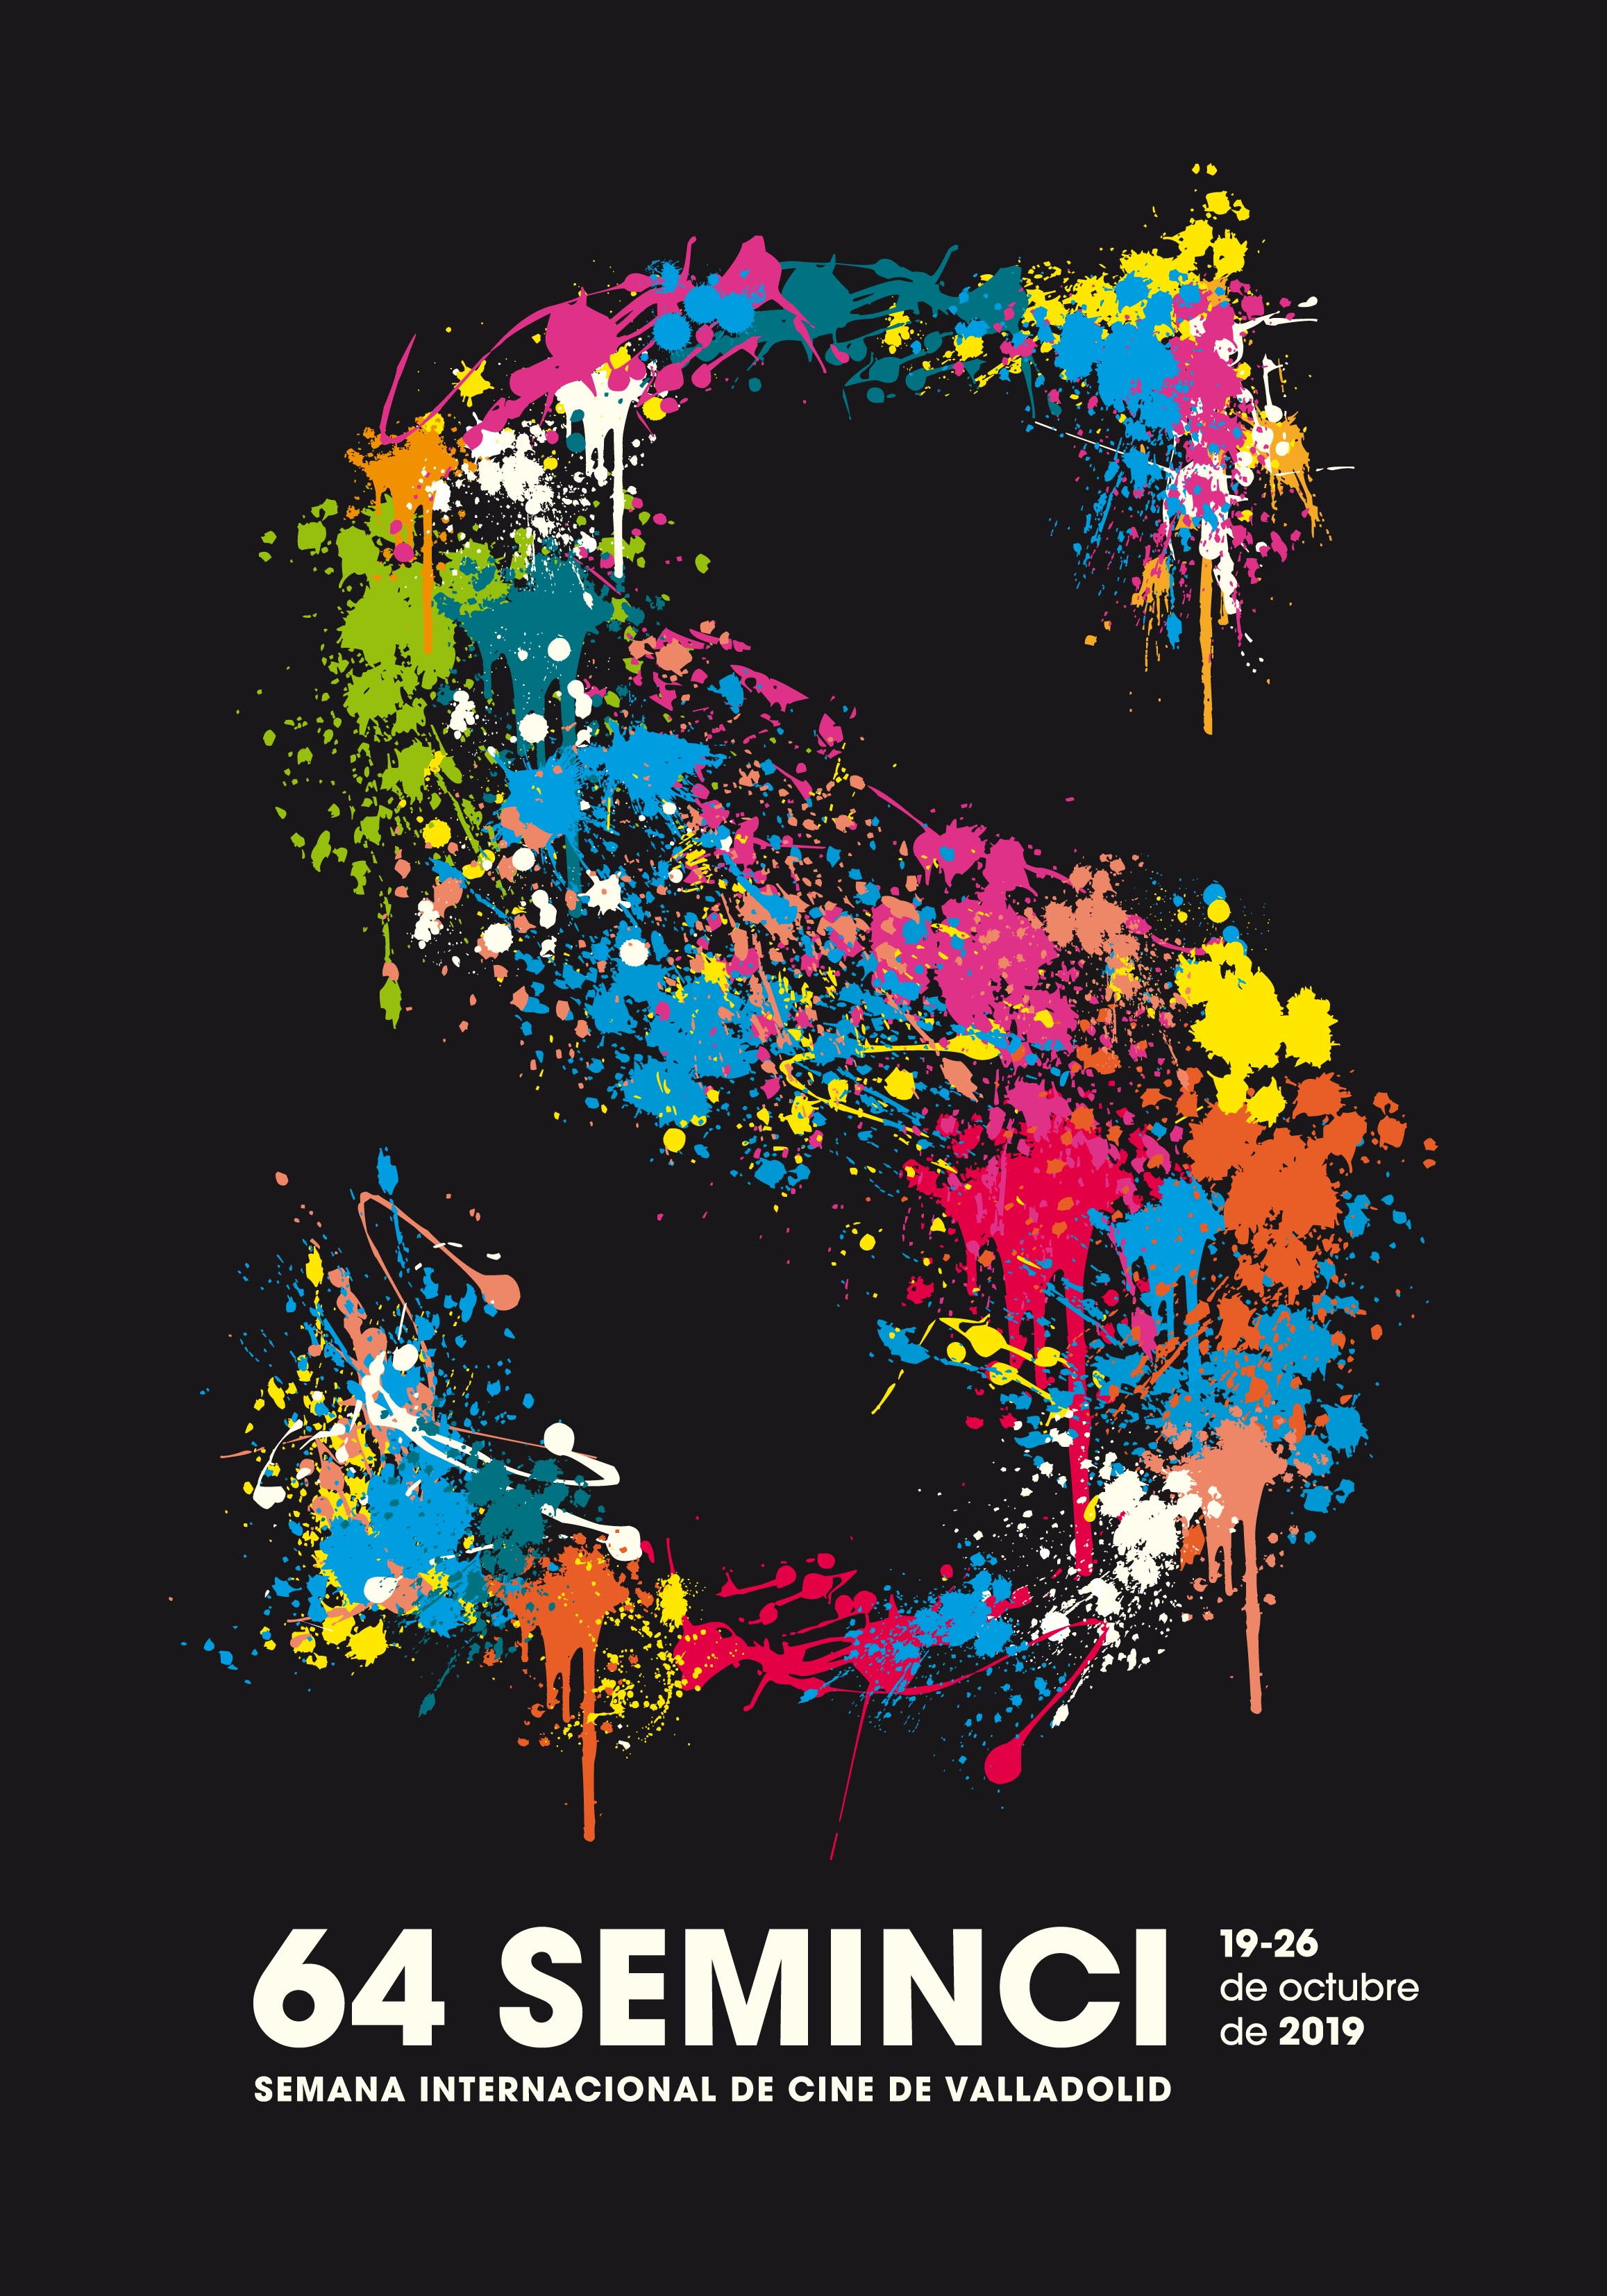 64-seminci-cartel-oficial-firma-de-autor.jpg